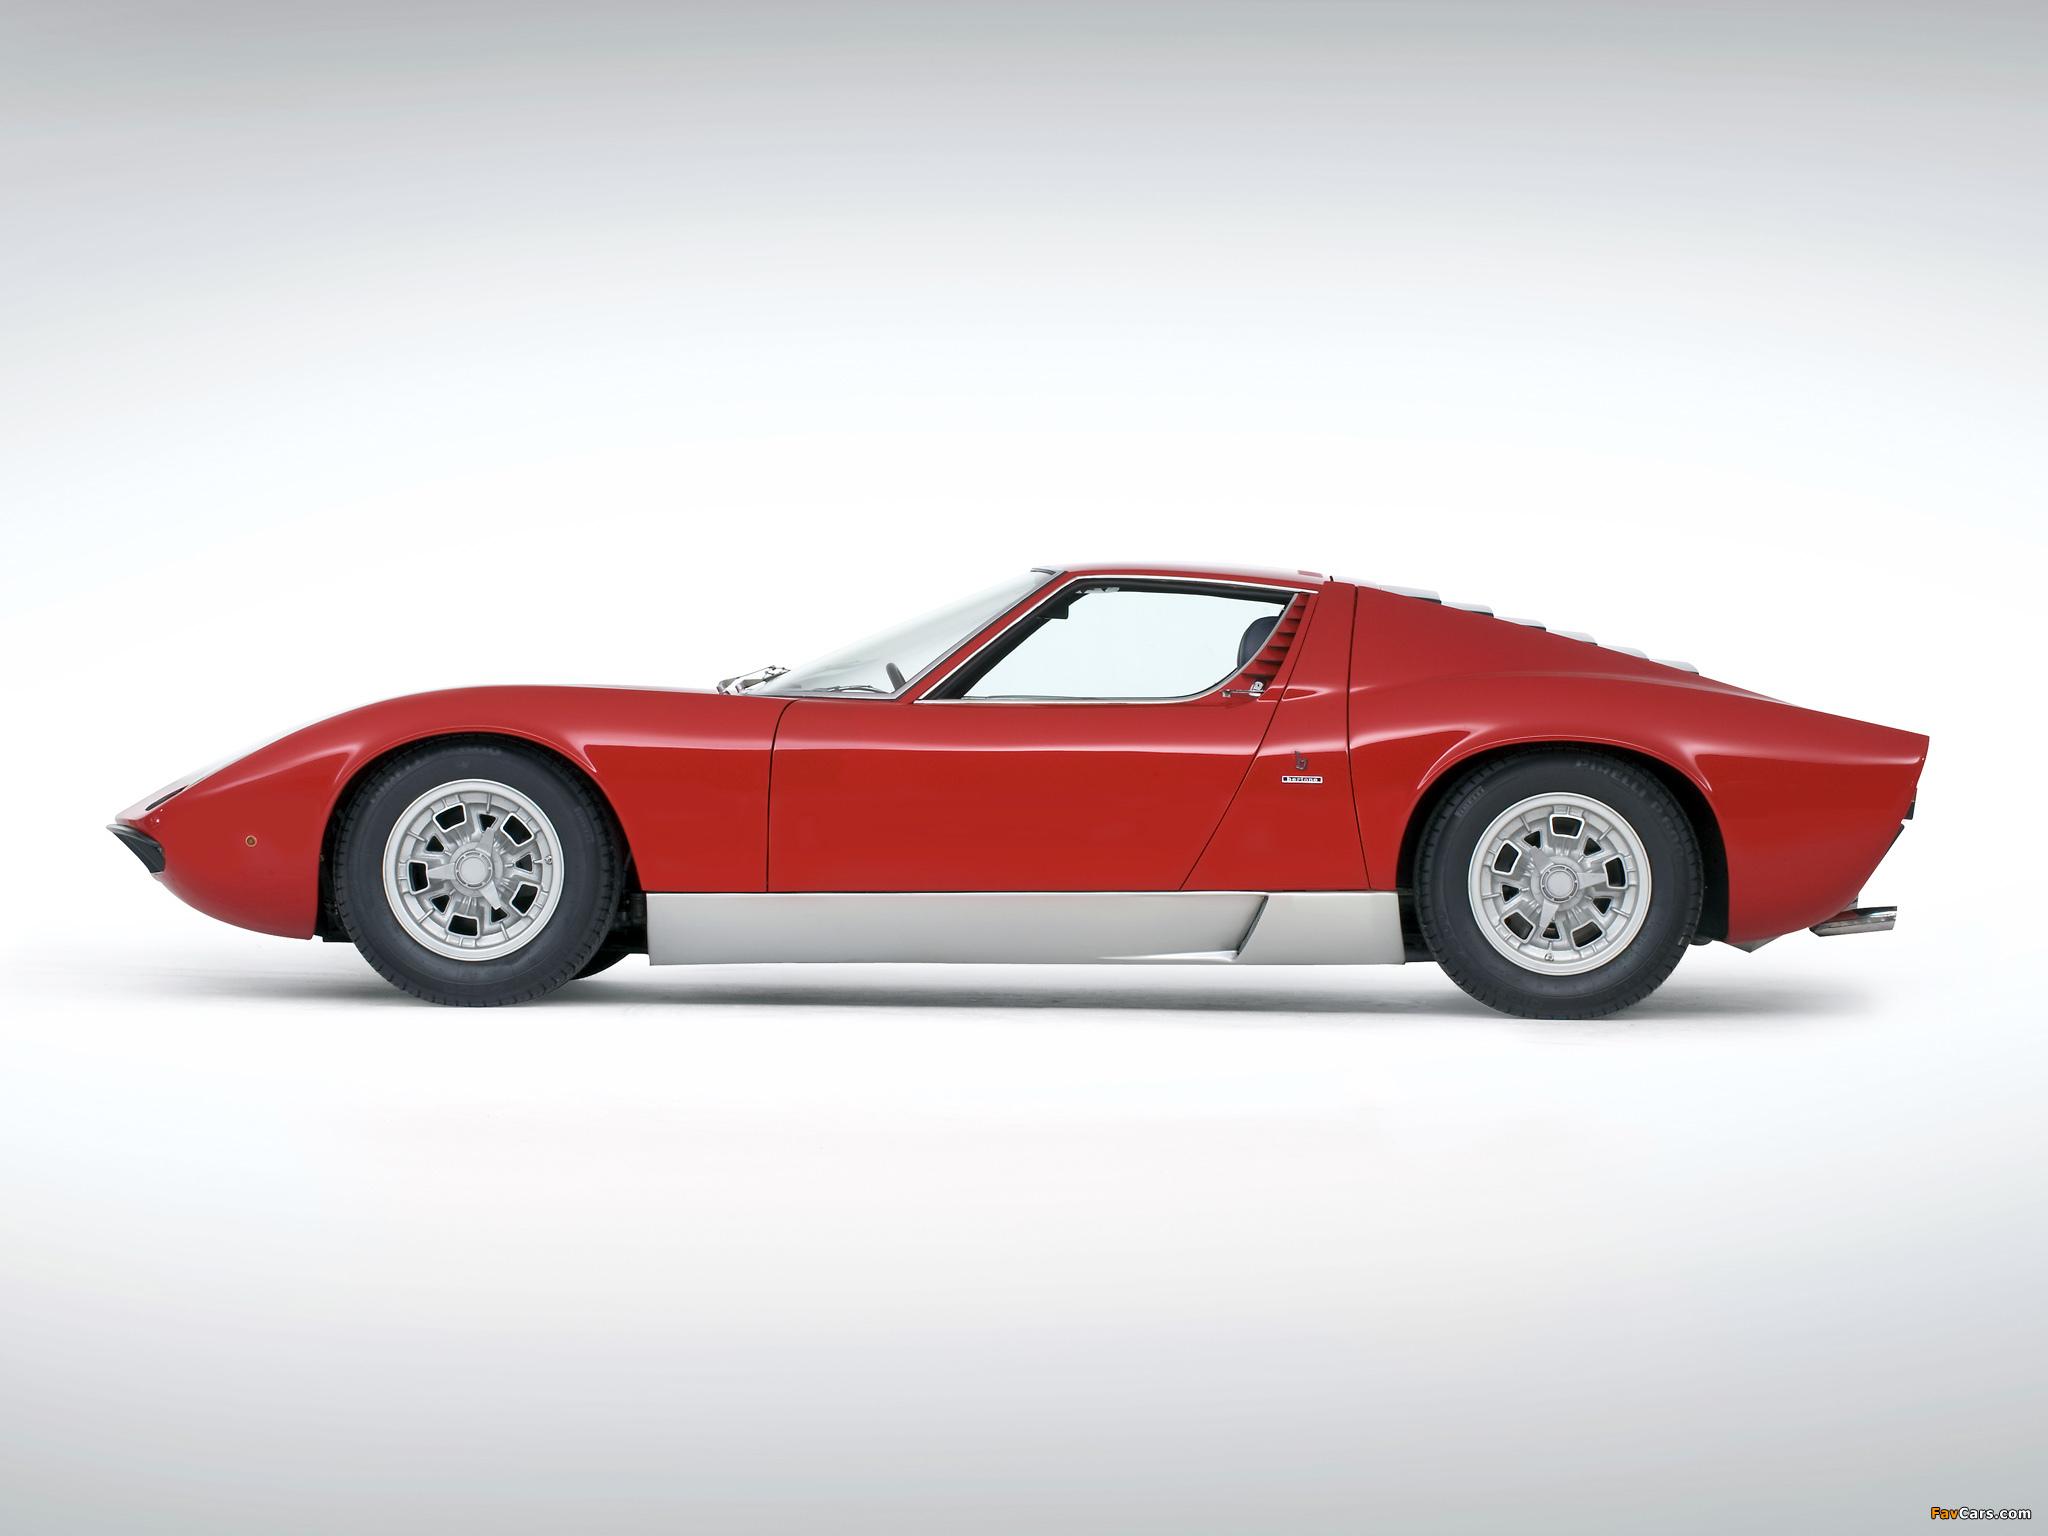 Lamborghini Miura P400 S 1969 71 Images 2048x1536